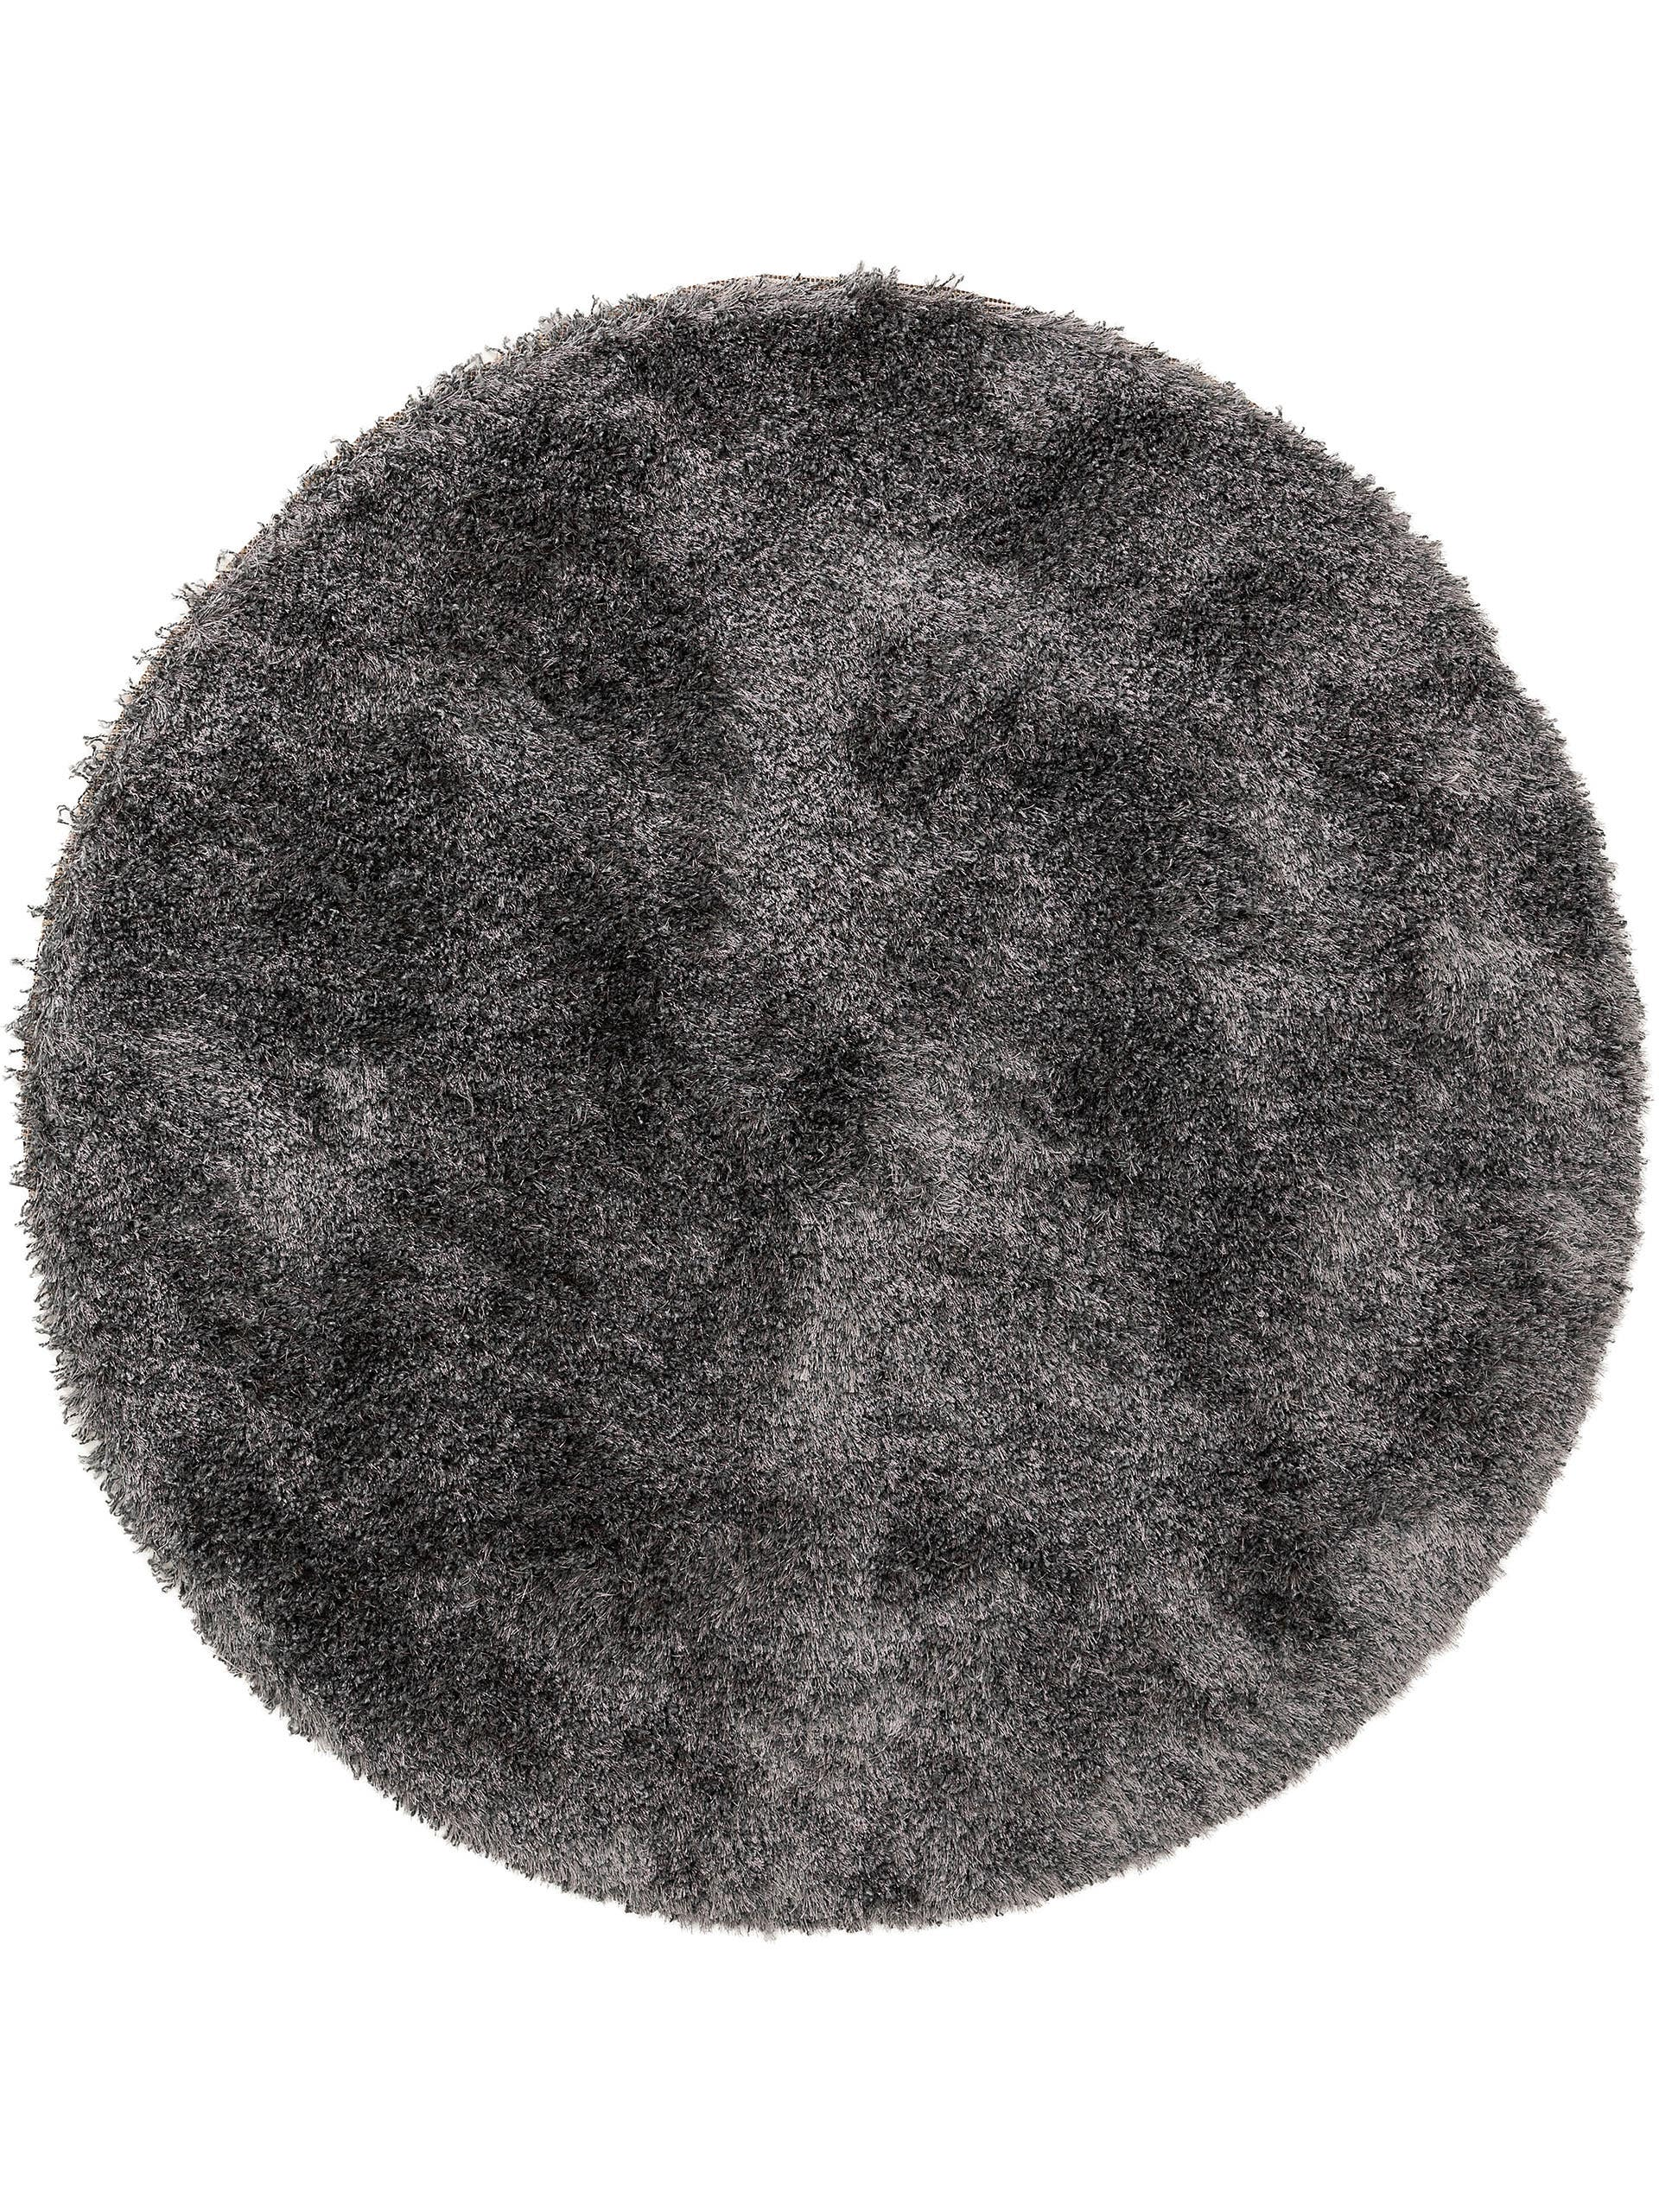 Tapis à poils longs gris D 200 rond